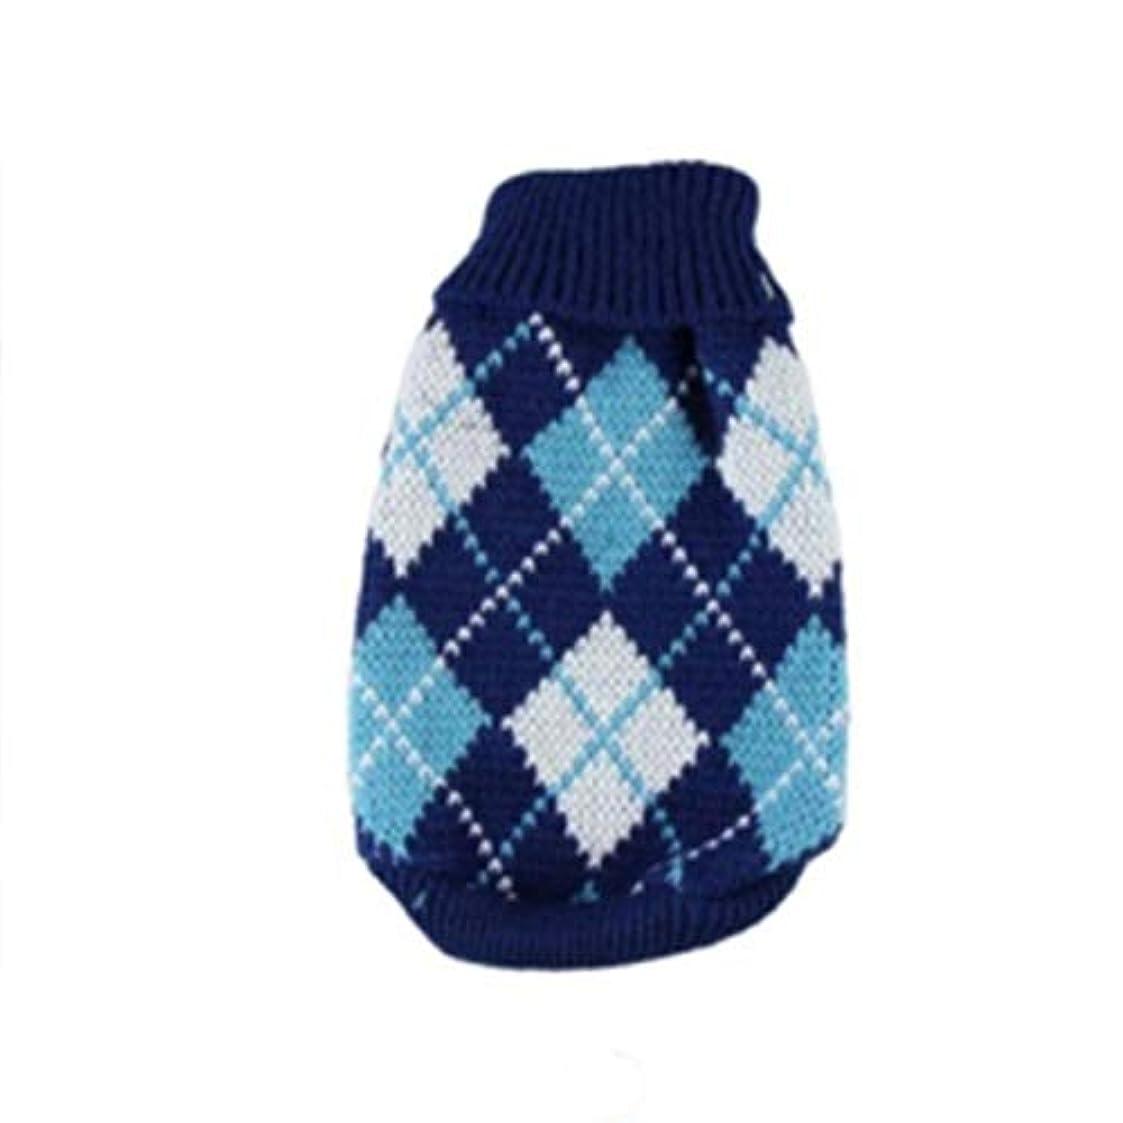 寛容な慈悲深いすり減るSaikogoods 軽量ペットの暖かいセーターユニバーサル犬服ファッションソフト犬服ハイカラー快適なペットのコート 青 XS